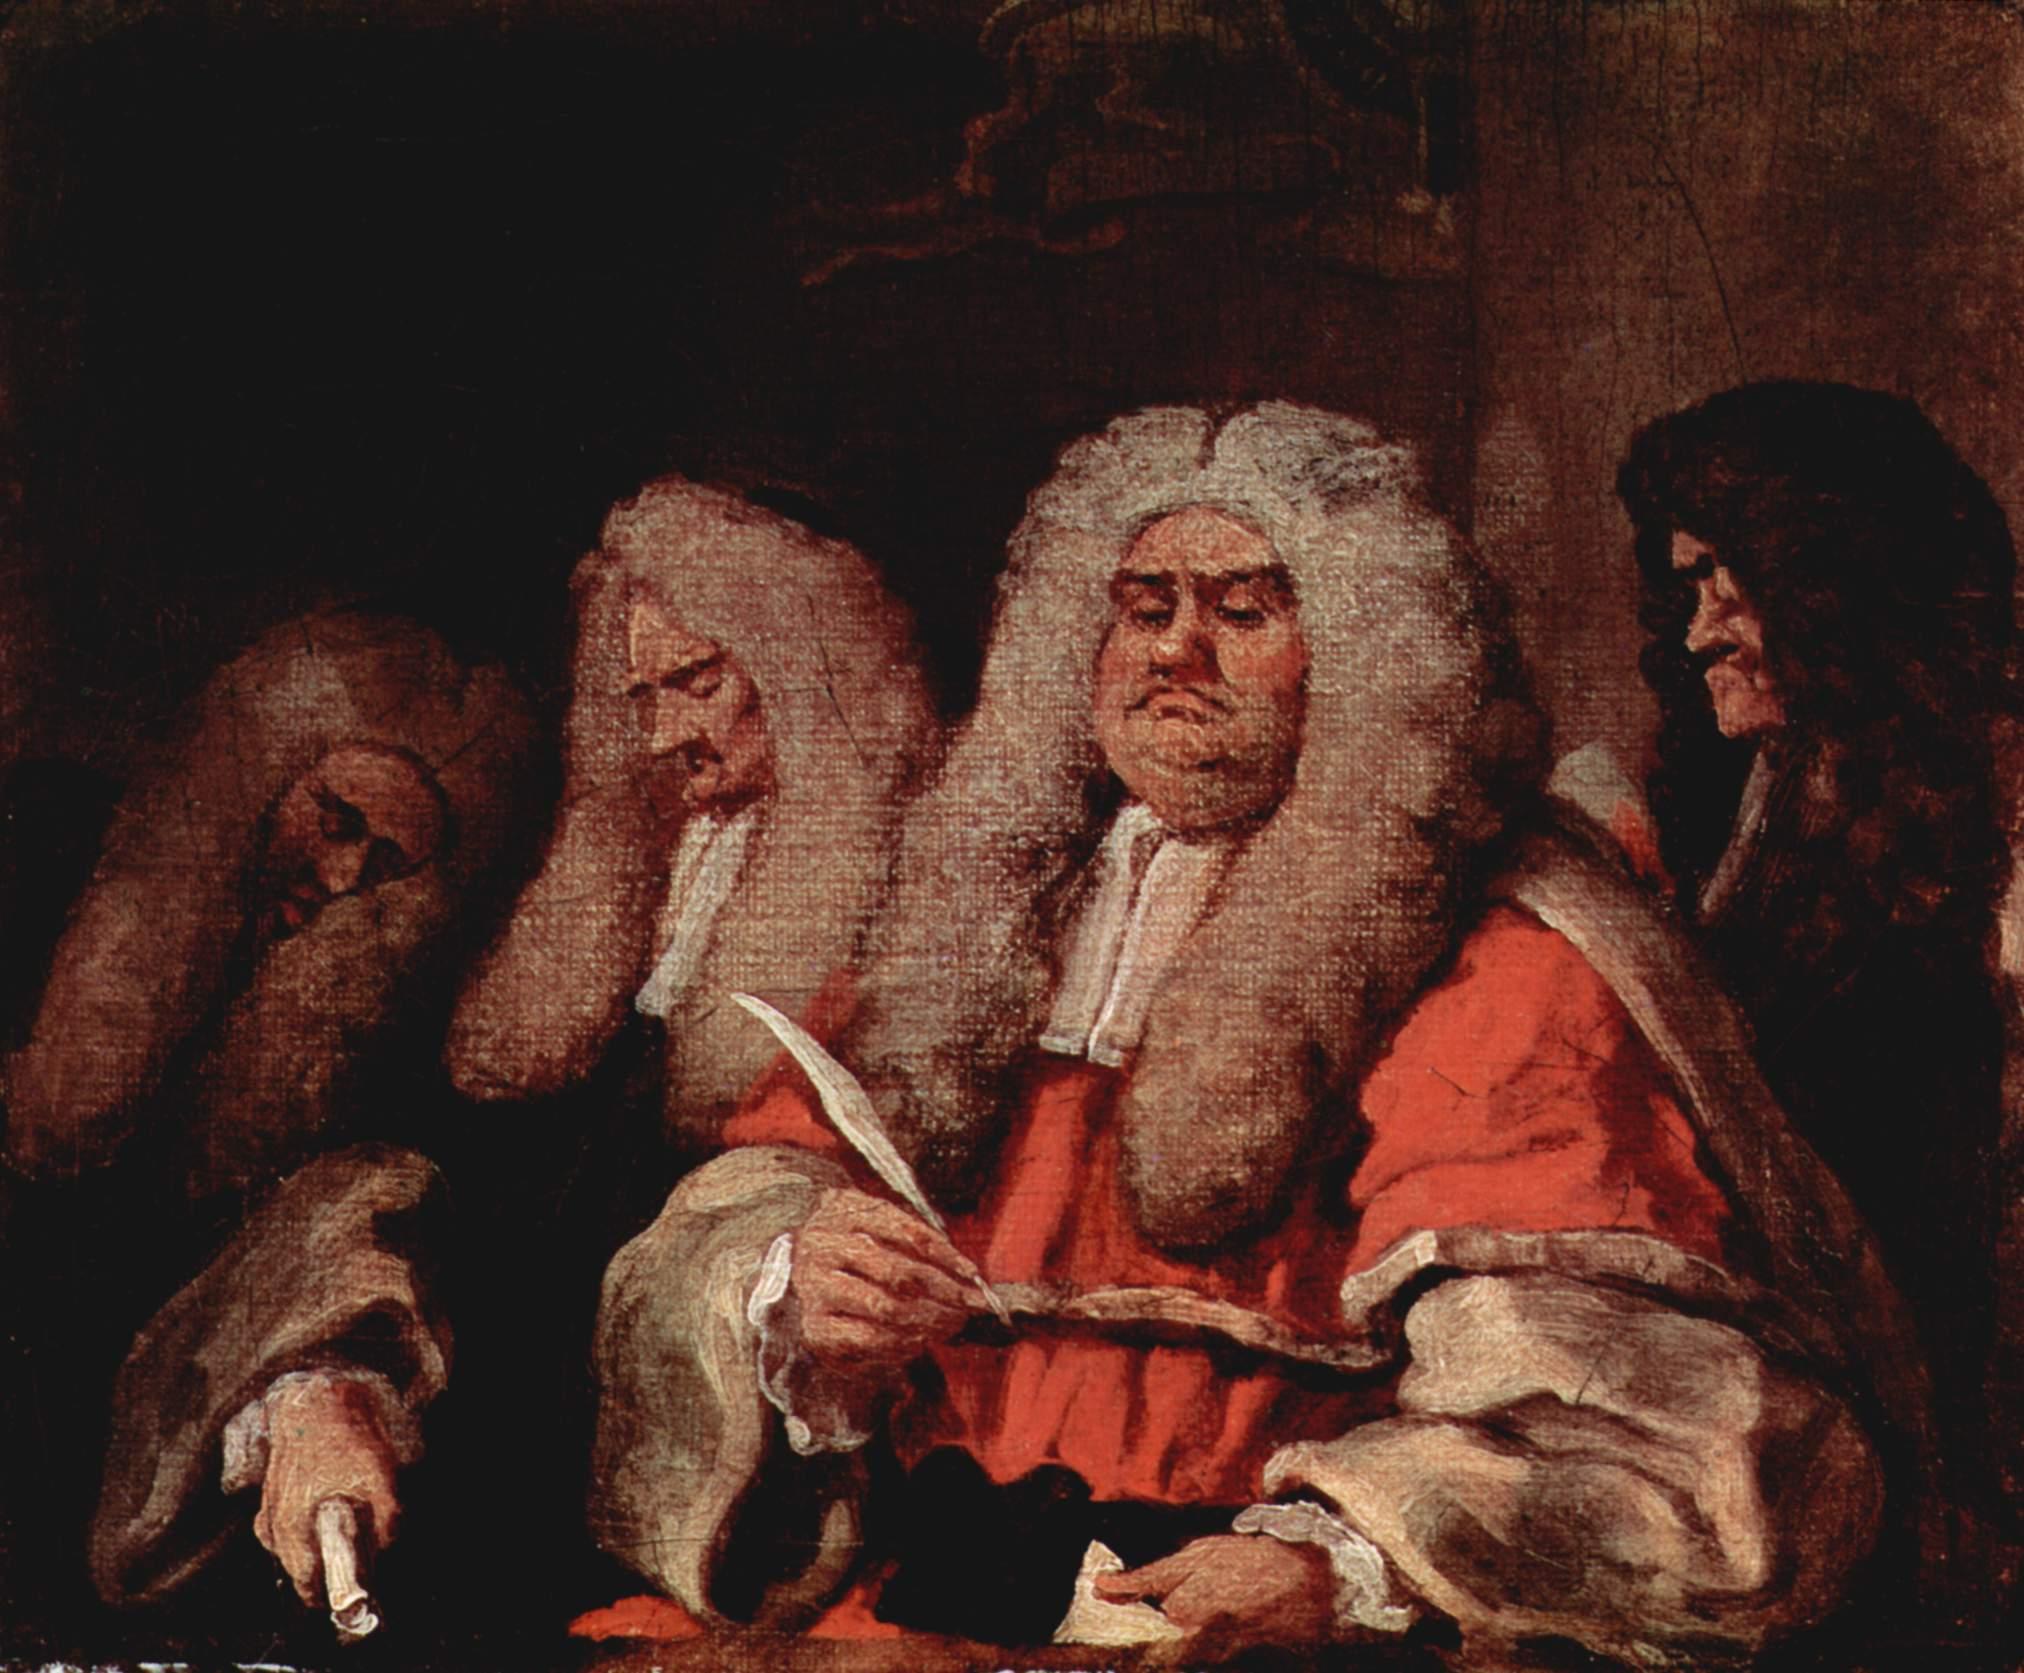 Magistratura: Cinco juízes que já perderam a noção no país